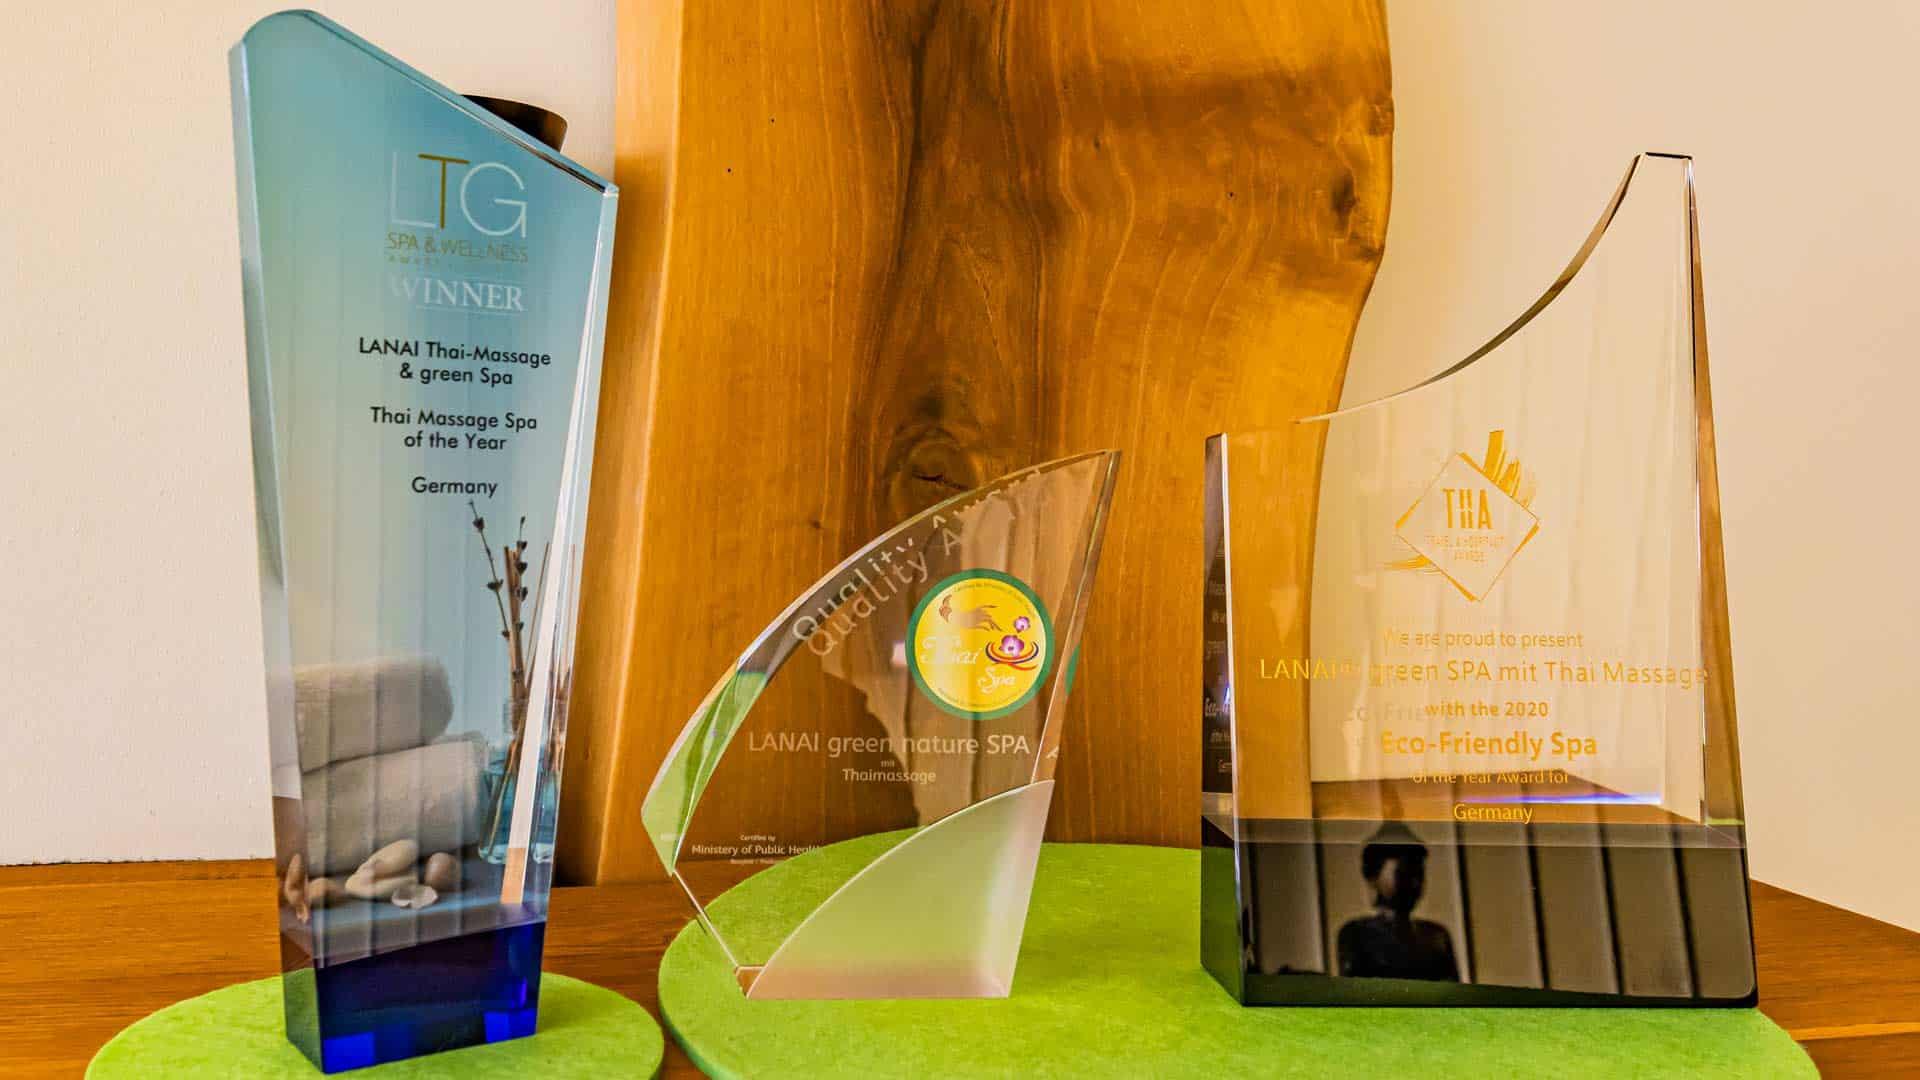 5 Sterne Qualität -Auszeichnungen AWARD stehen auf grünen Unterlagen auf dem Schrank